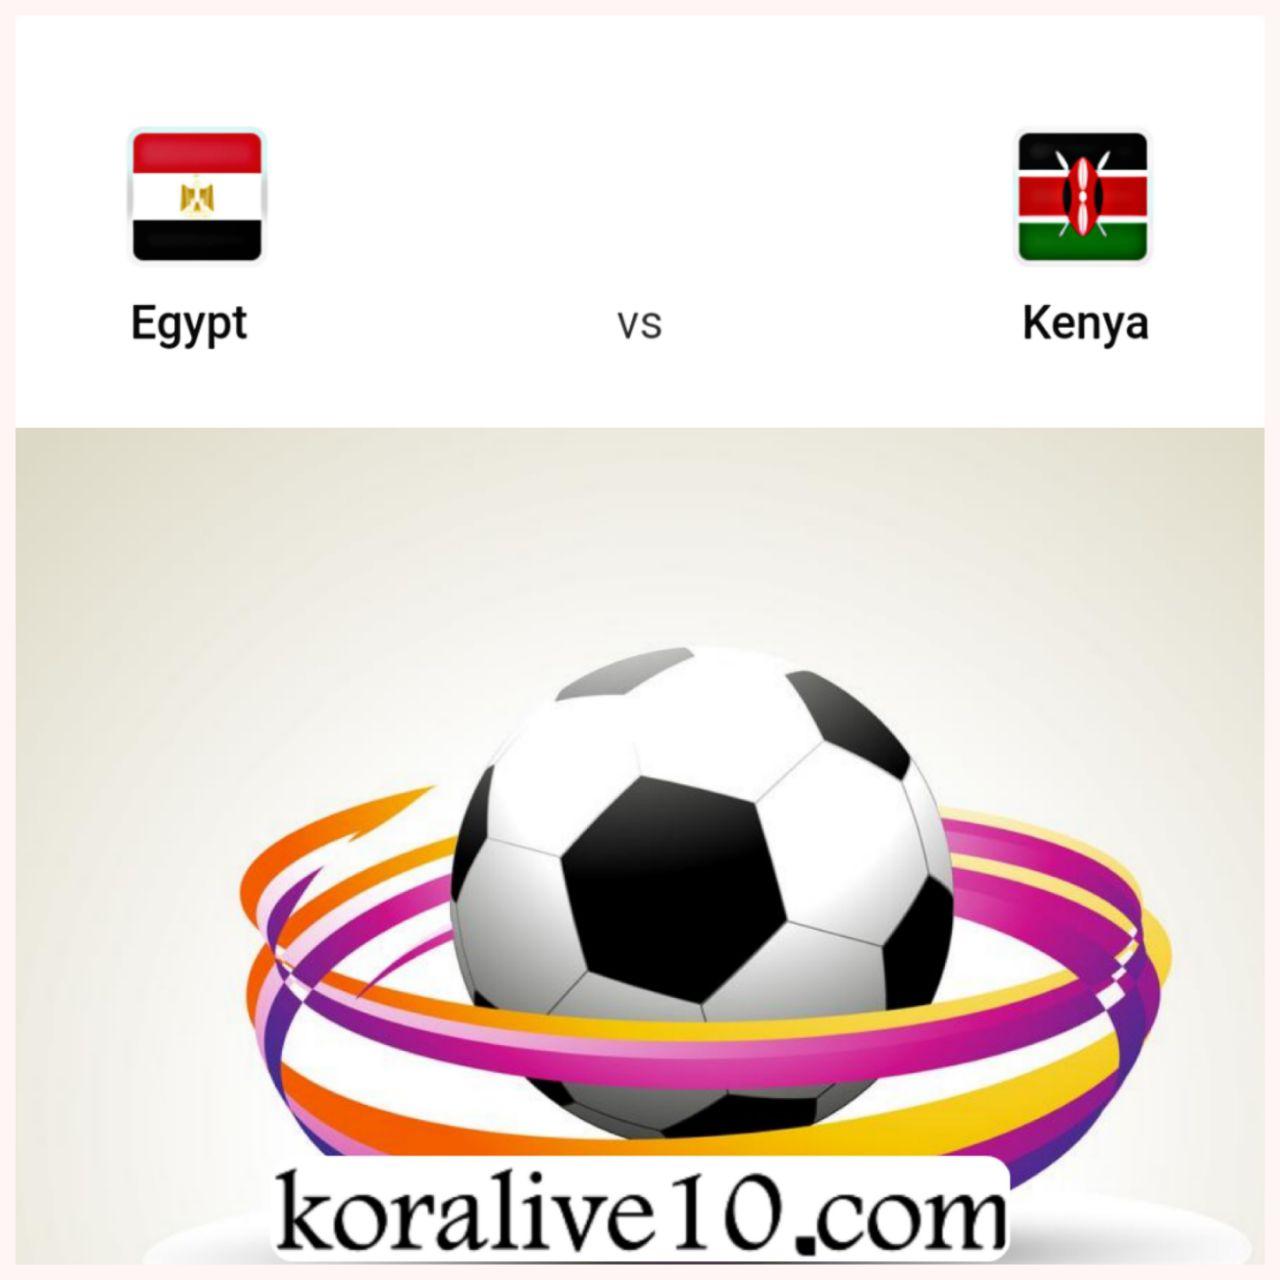 موعد مباراة مصر وكينيا في تصفيات كأس أمم أفريقيا | كورة لايف